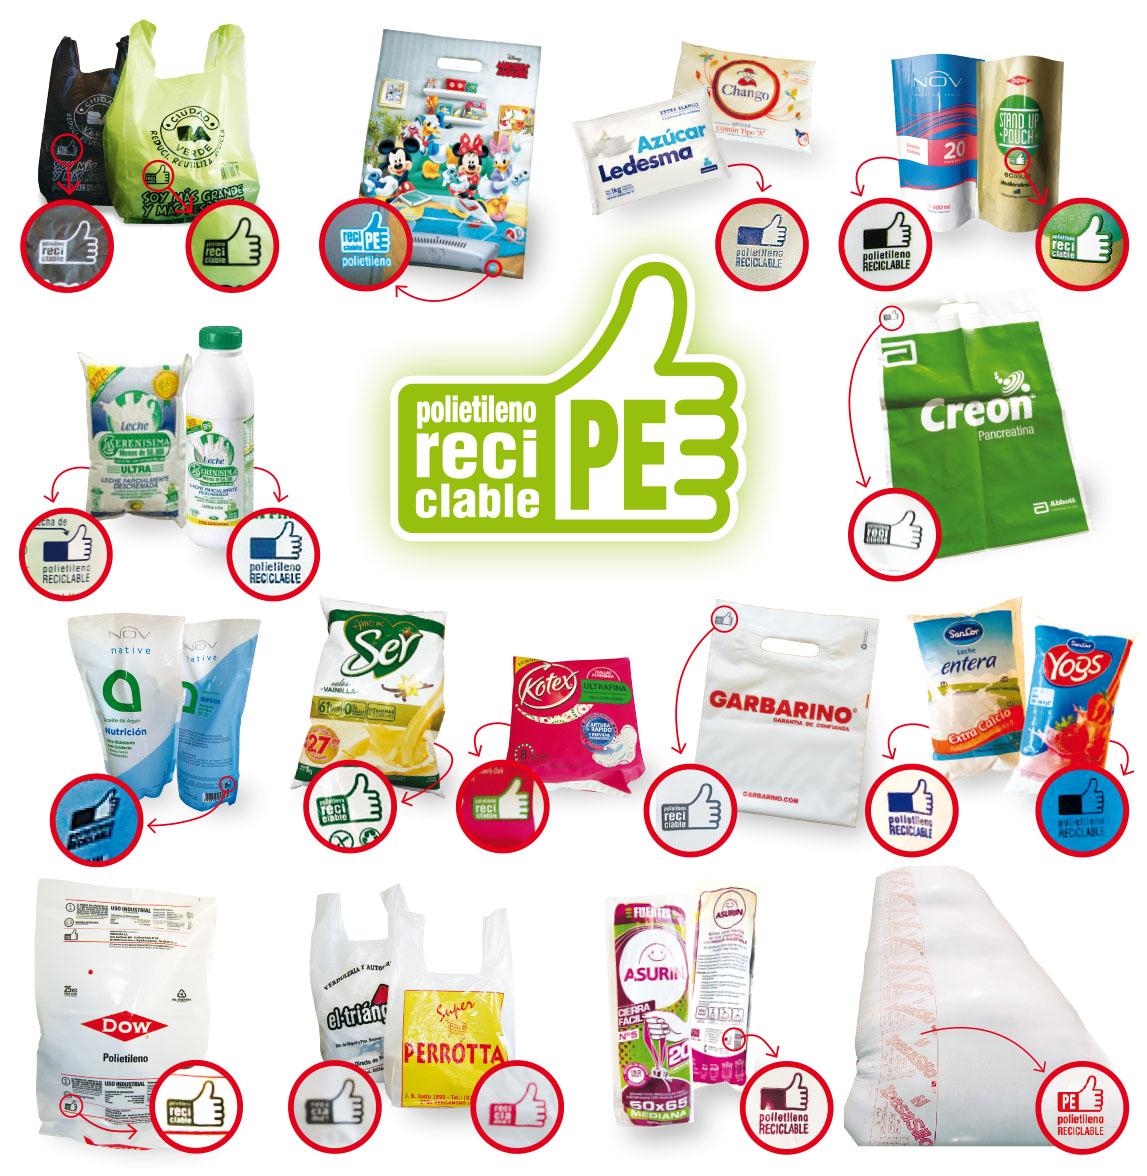 Folleto Envases Reciclables A4 2019-1